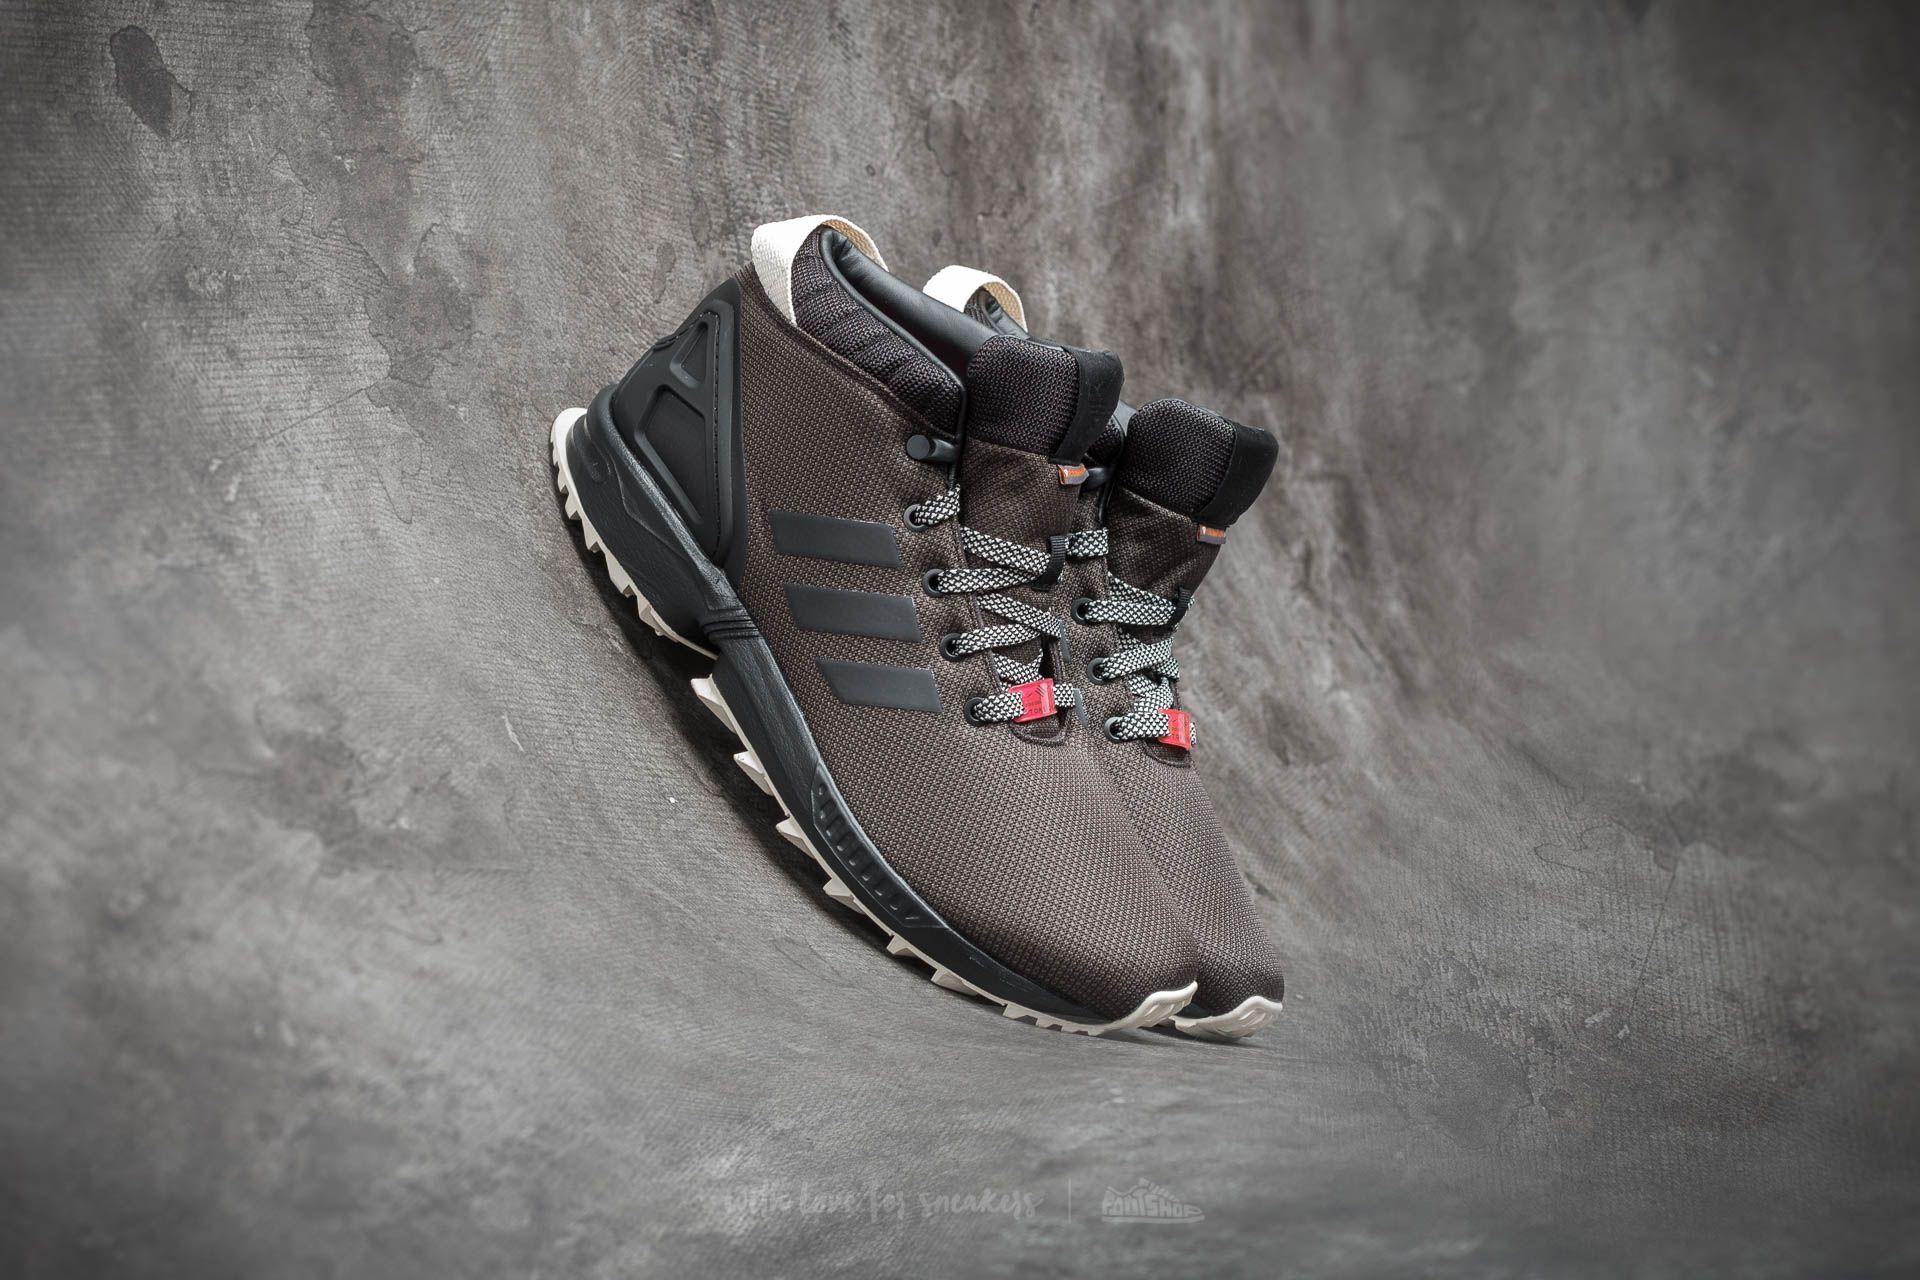 98b4ba8c5 adidas Zx Flux 5  8 Trainers Core Black  Utility Black  Core White ...